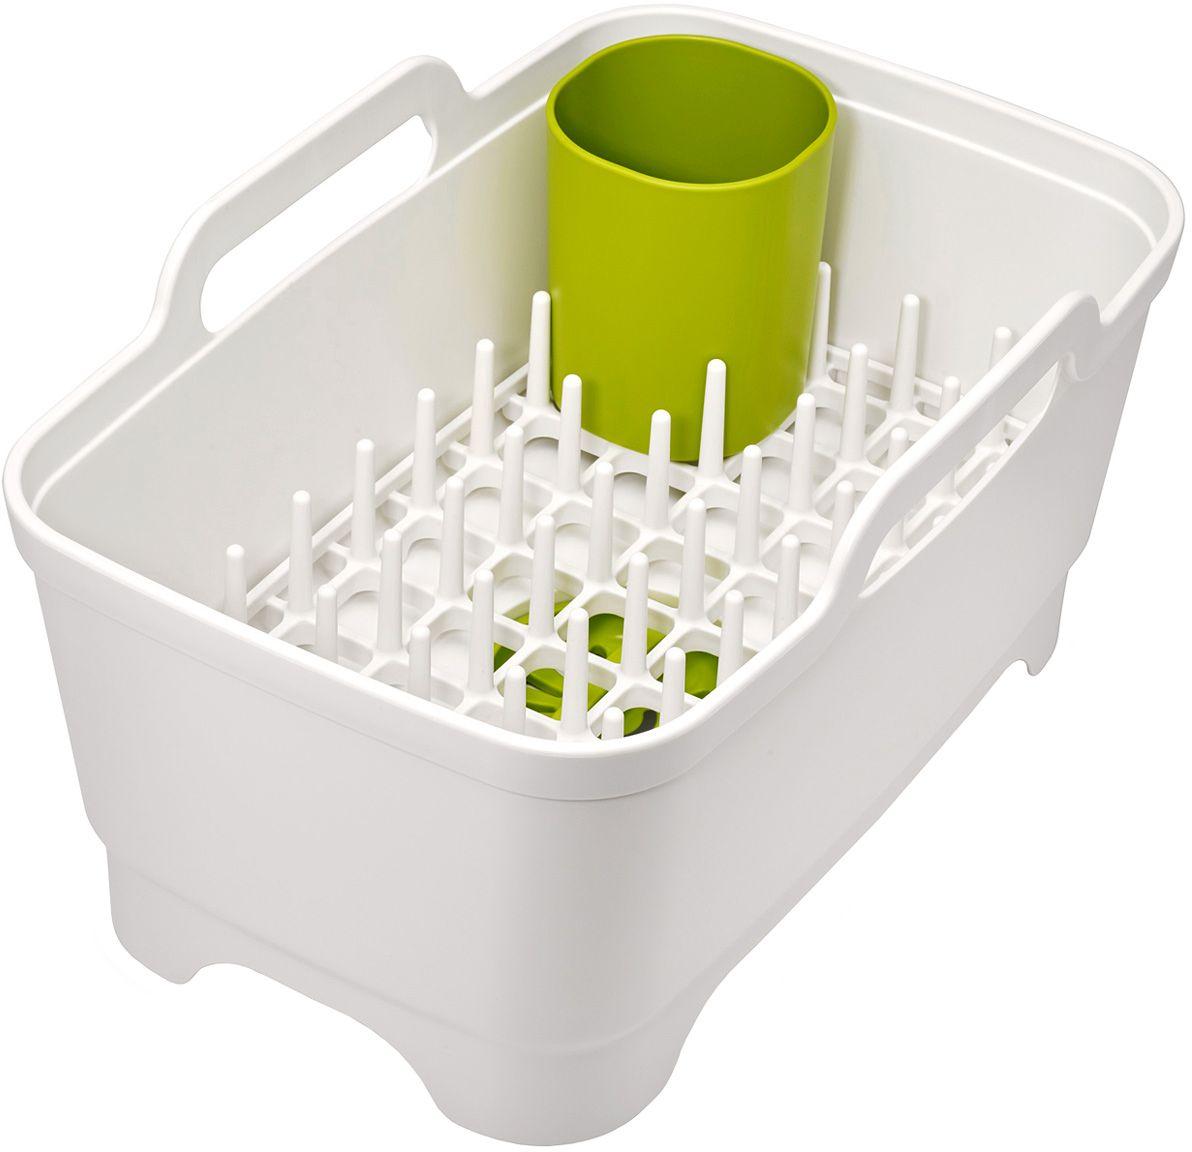 Набор для мойки и сушки посуды Joseph Joseph: таз, сушилка, подставка для столовых приборов, цвет: белый85101